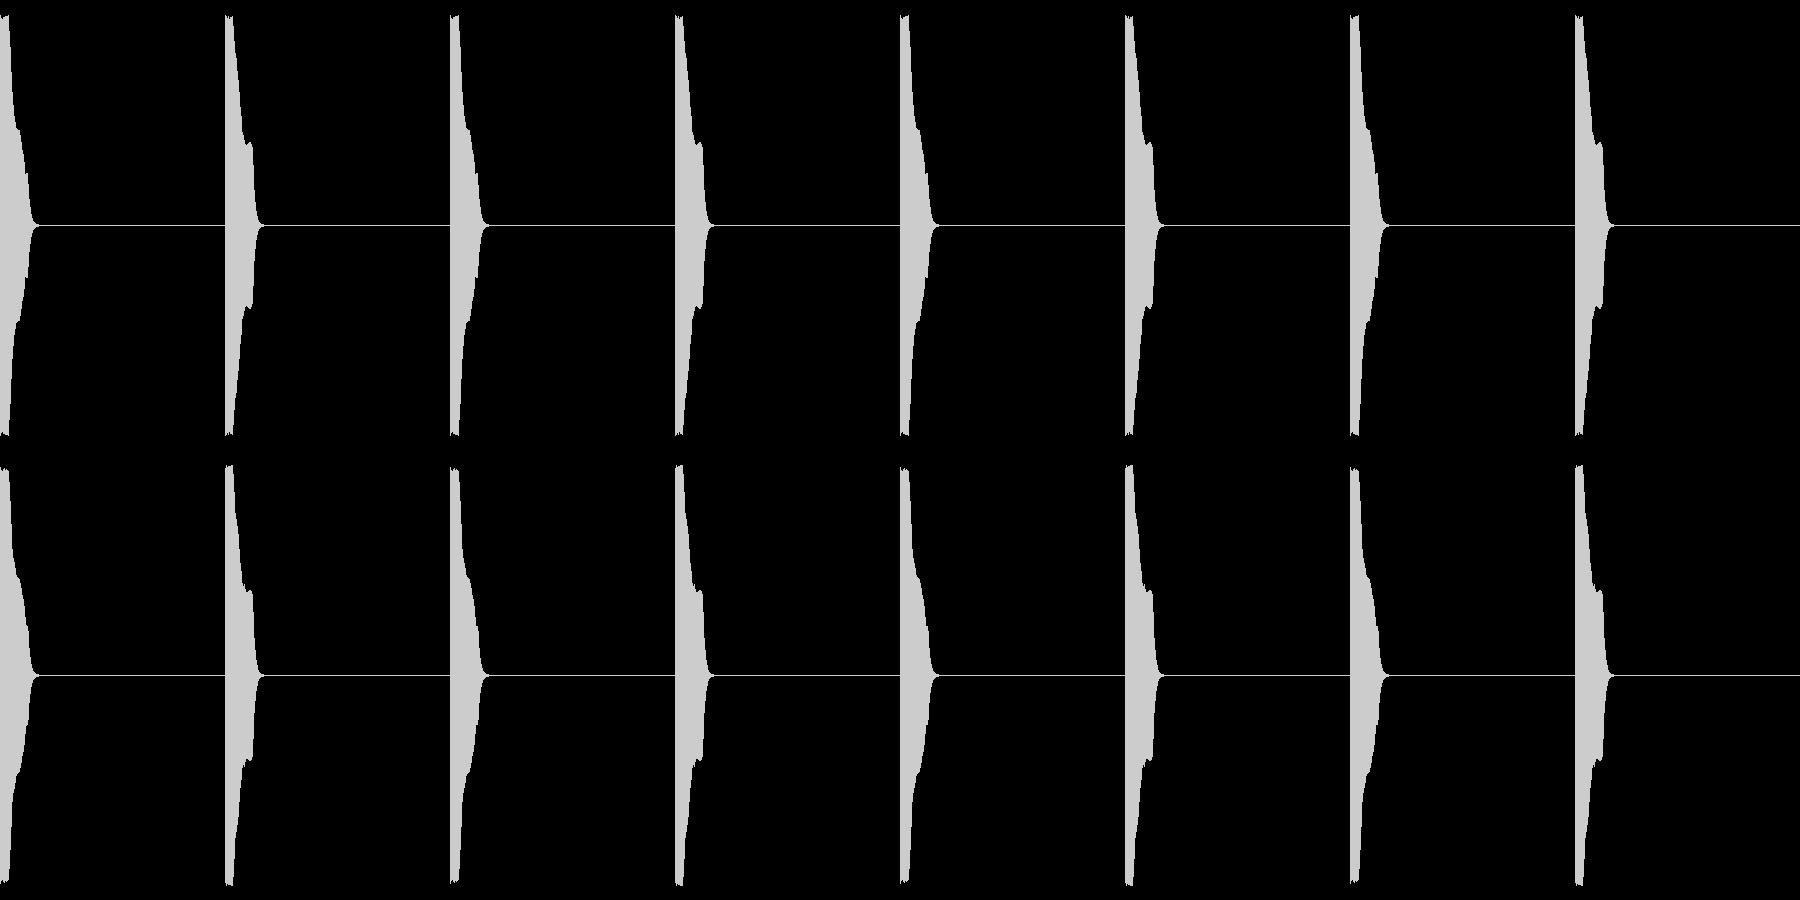 カウント01(高音)の未再生の波形